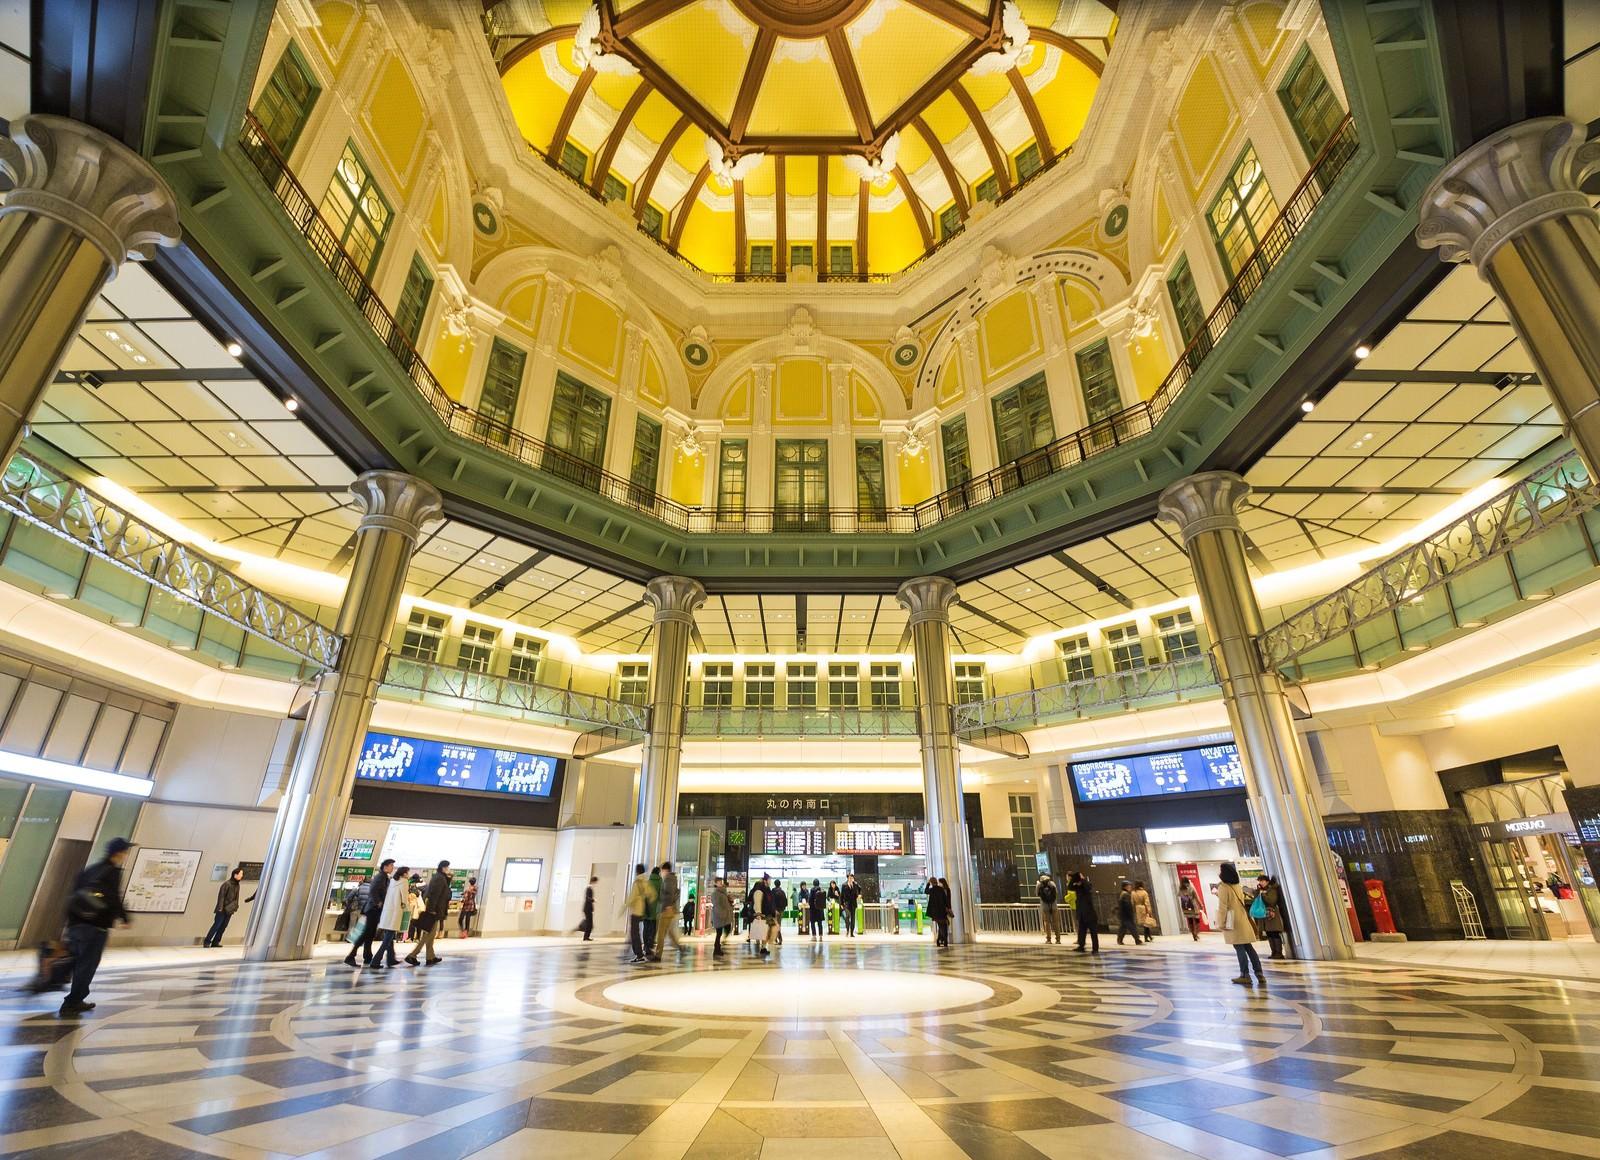 「東京駅丸の内南口」の写真